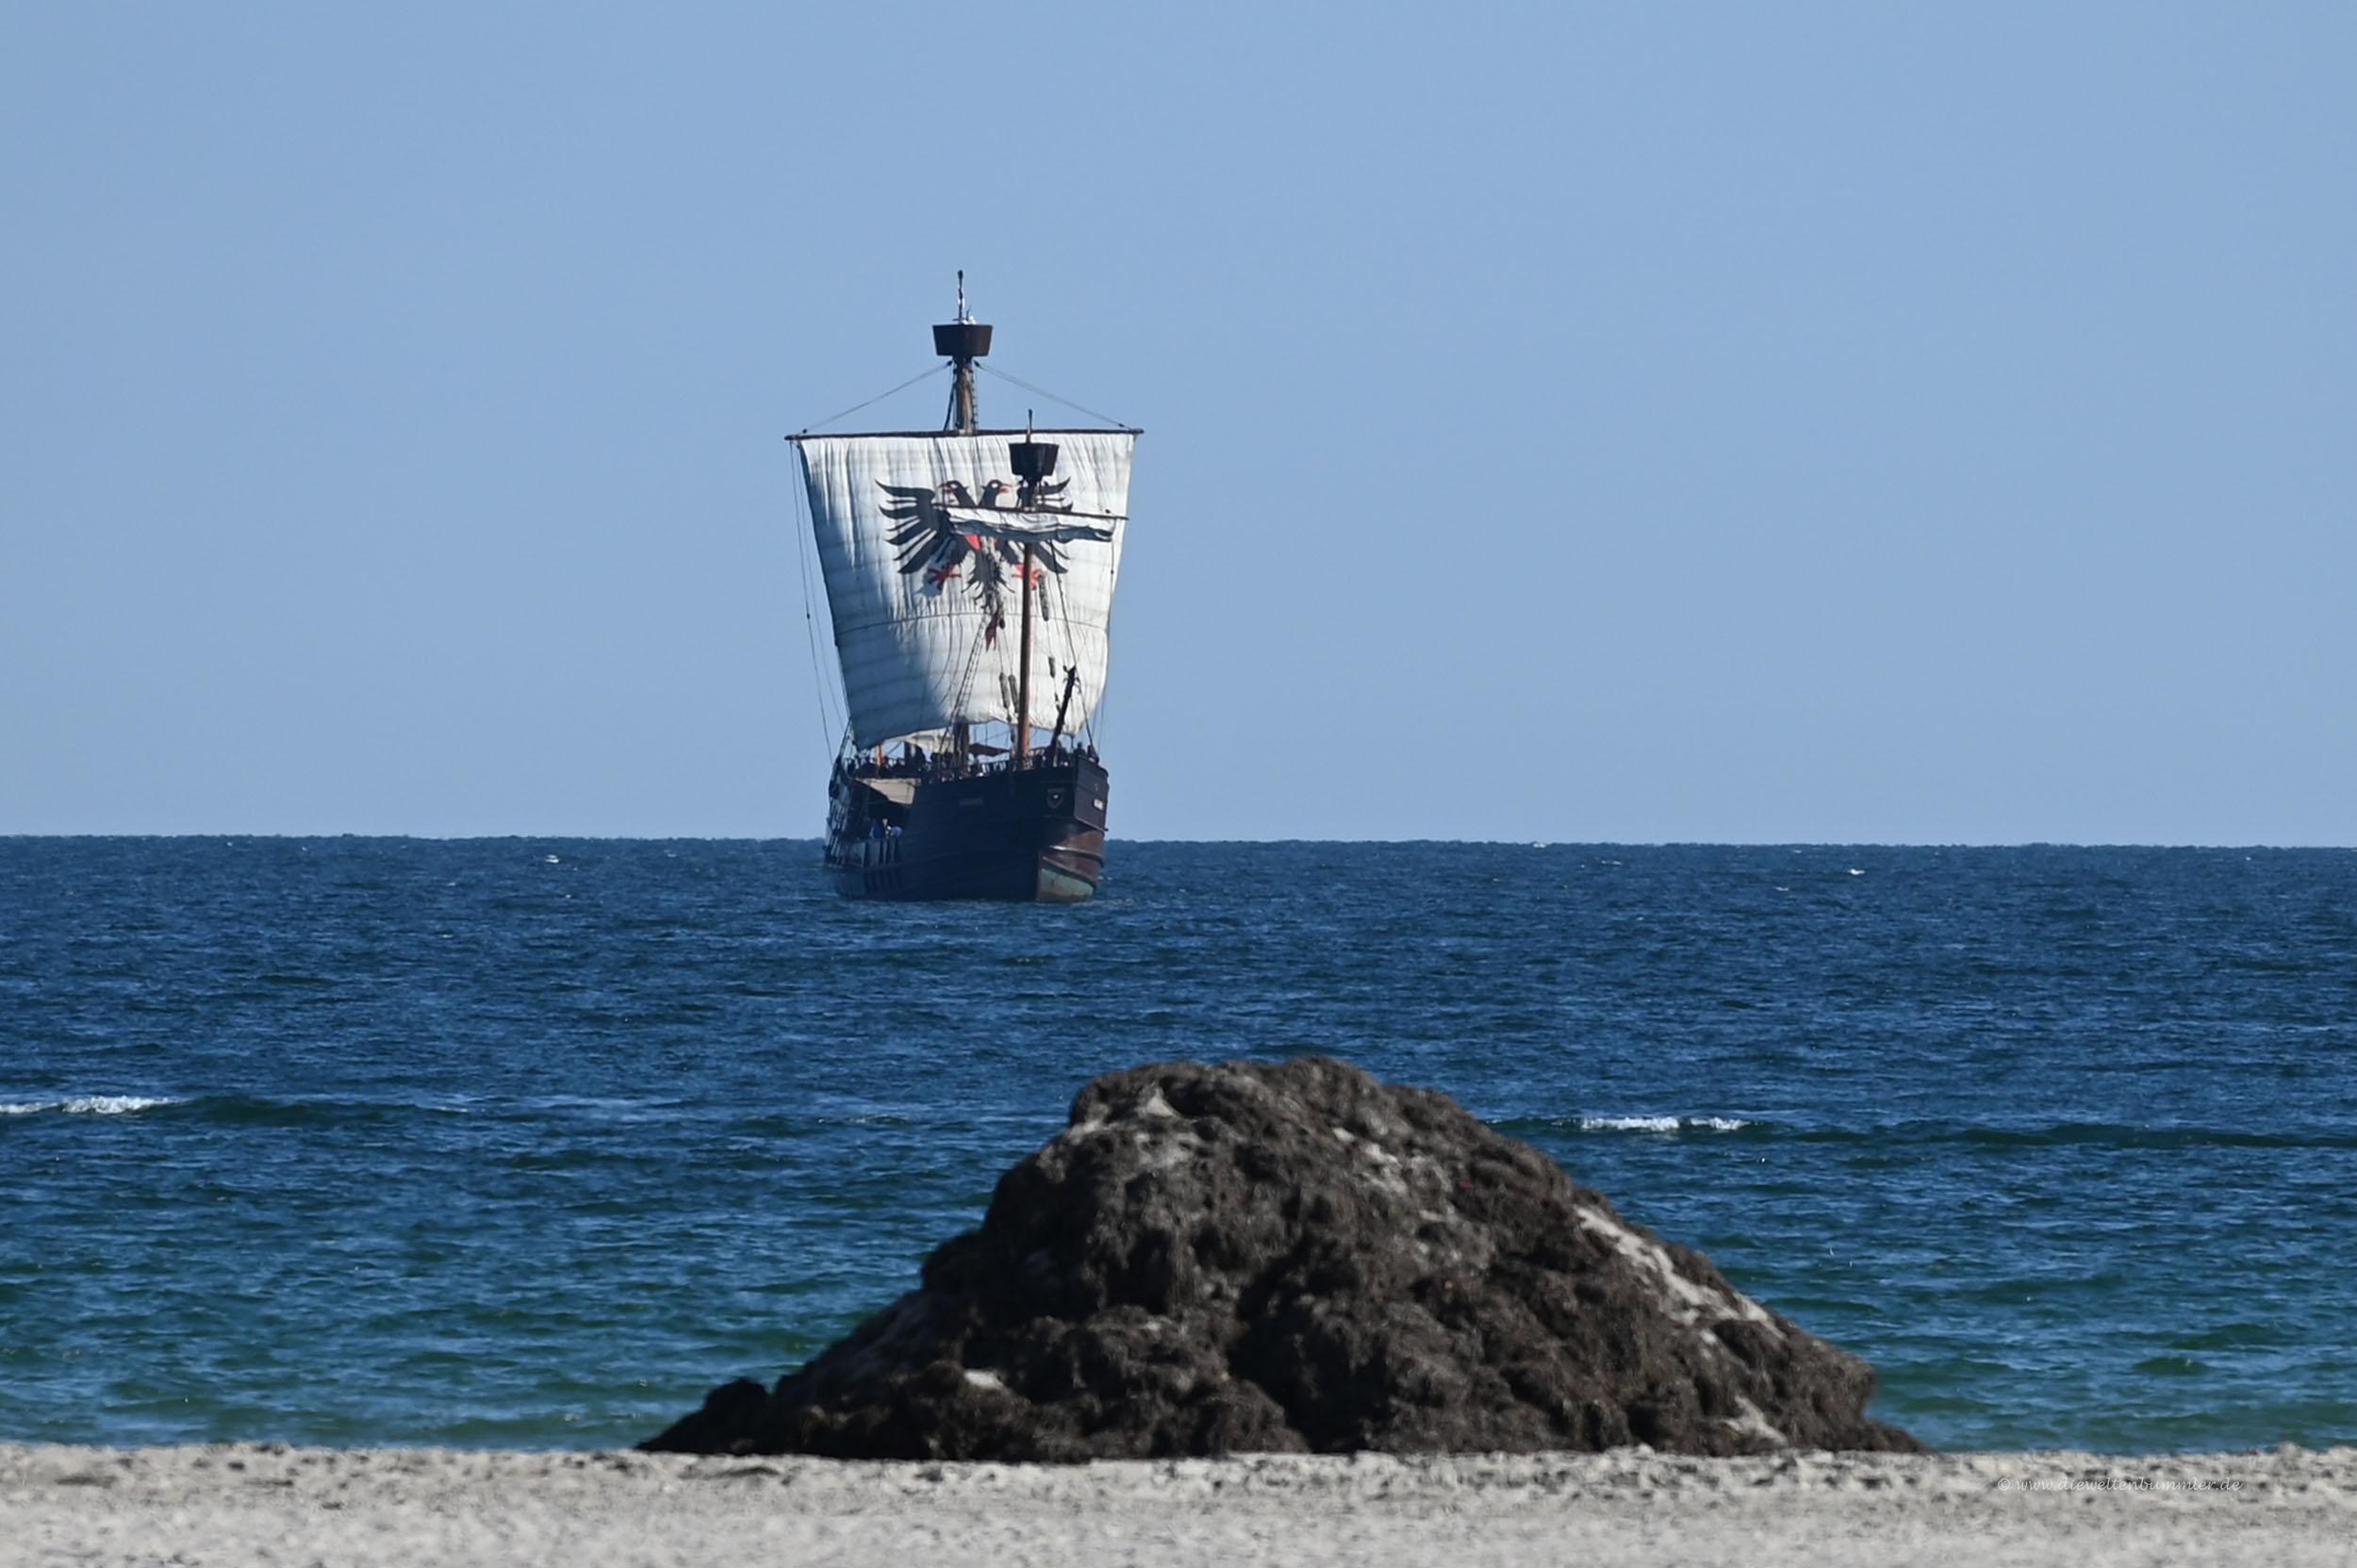 Piraten auf der Ostsee